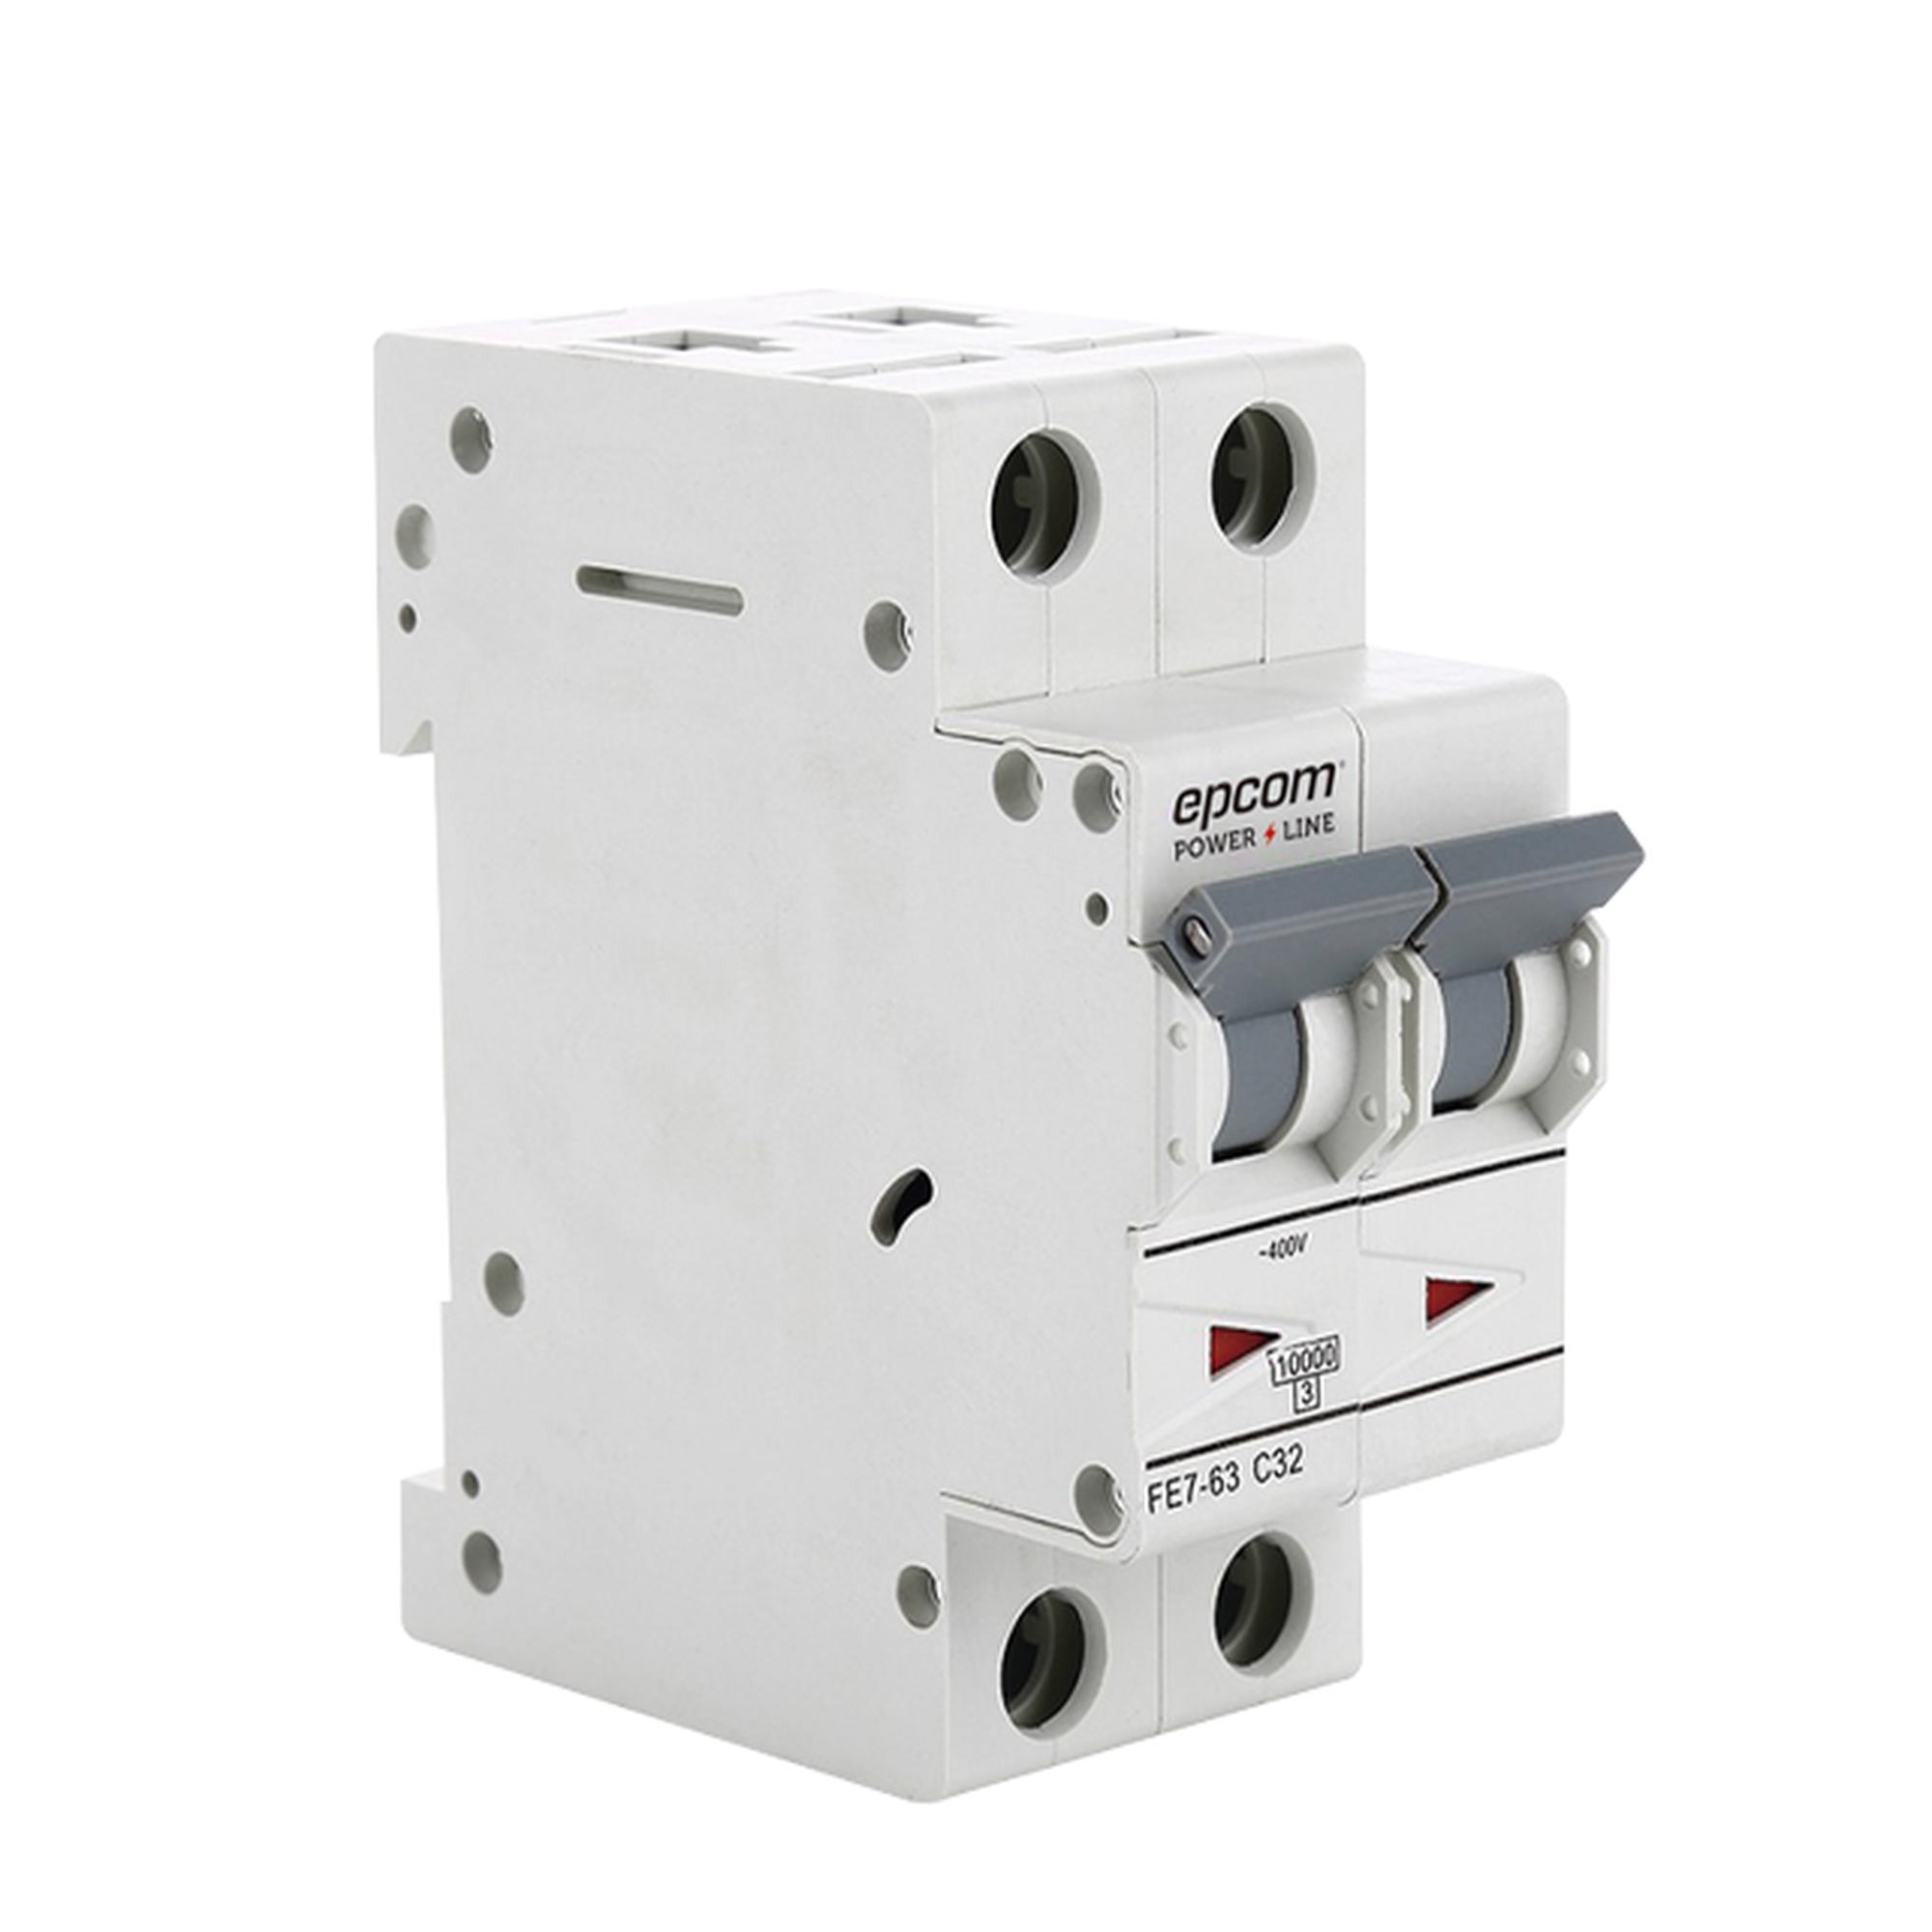 Protección Térmica 2P, 10 A,  Corriente Alterna  400 Vca para Aplicación Fotovoltaica Montaje Riel DIN